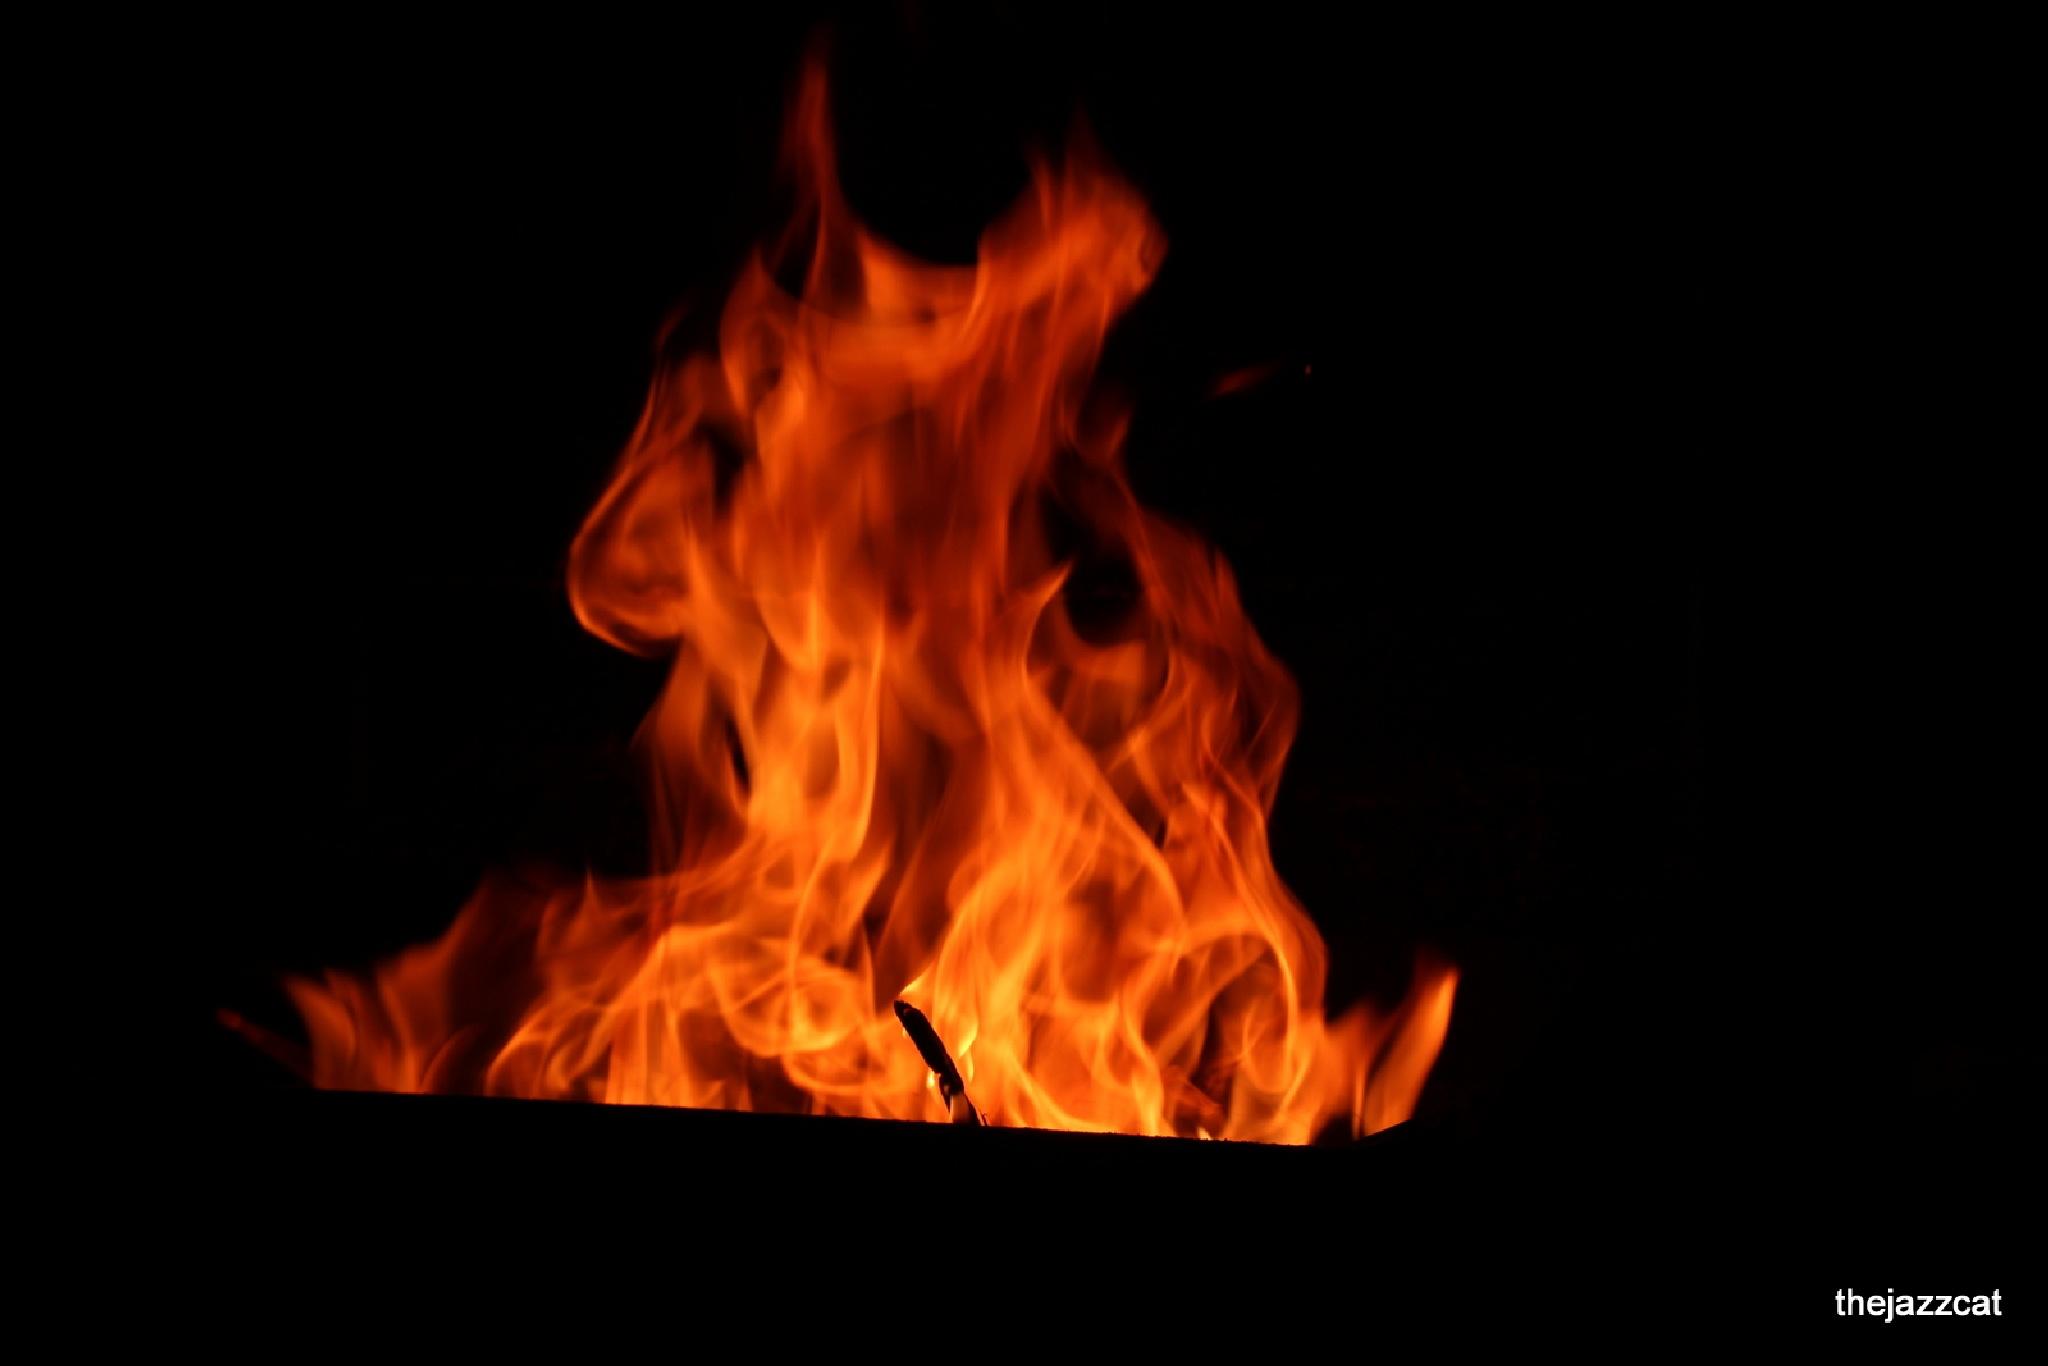 fire 3 by P. Michael Fadyk